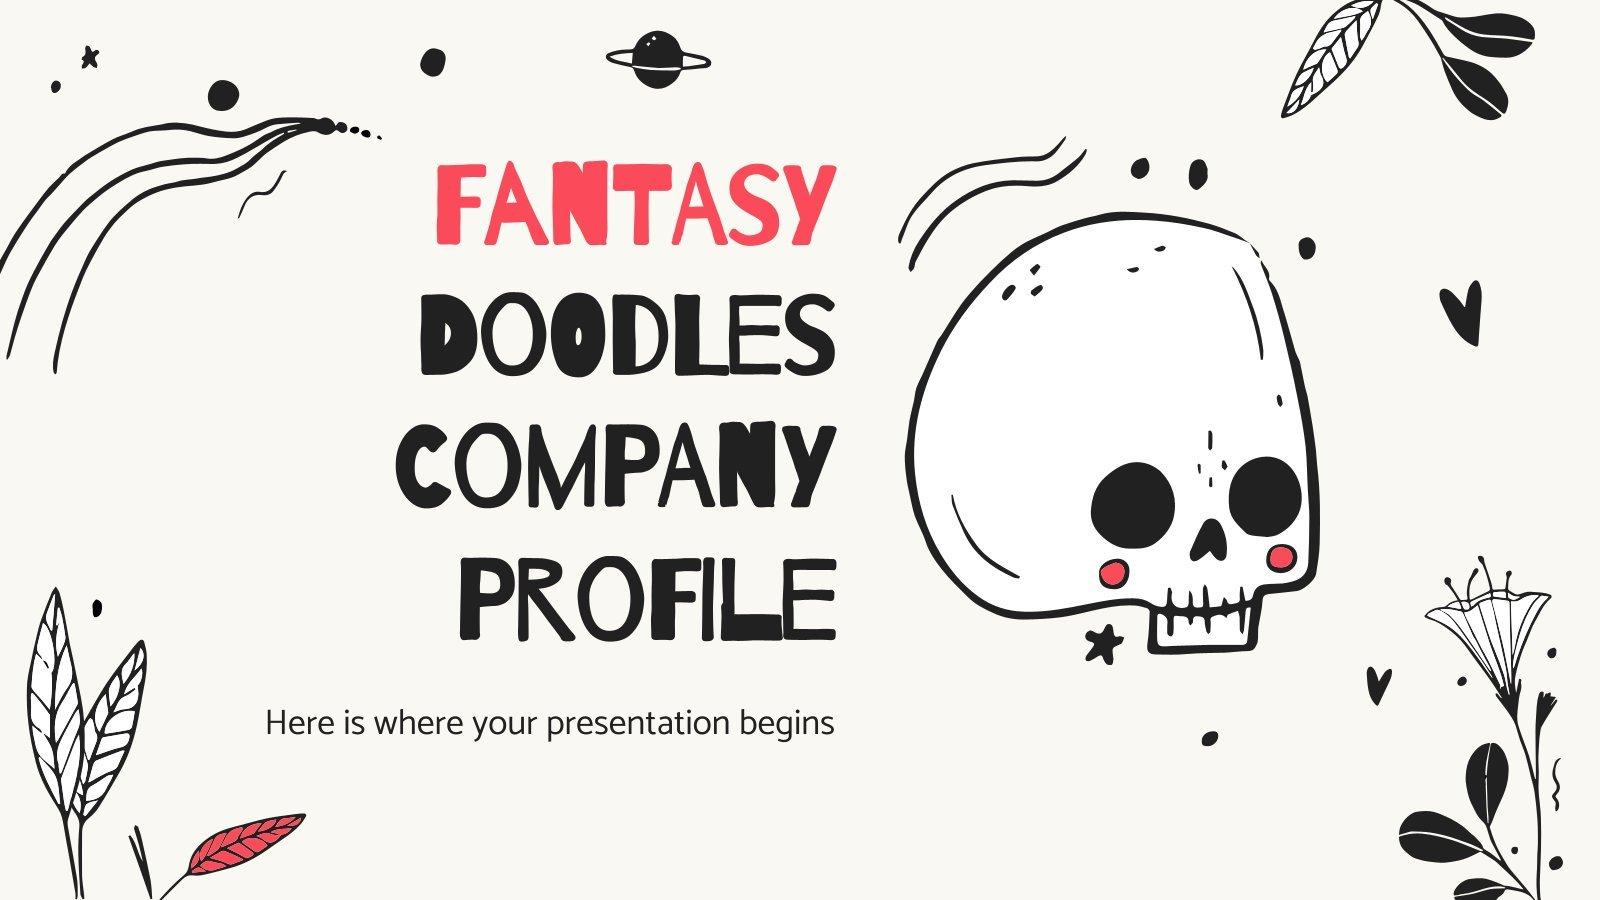 Profil de société avec des gribouillis : Modèles de présentation